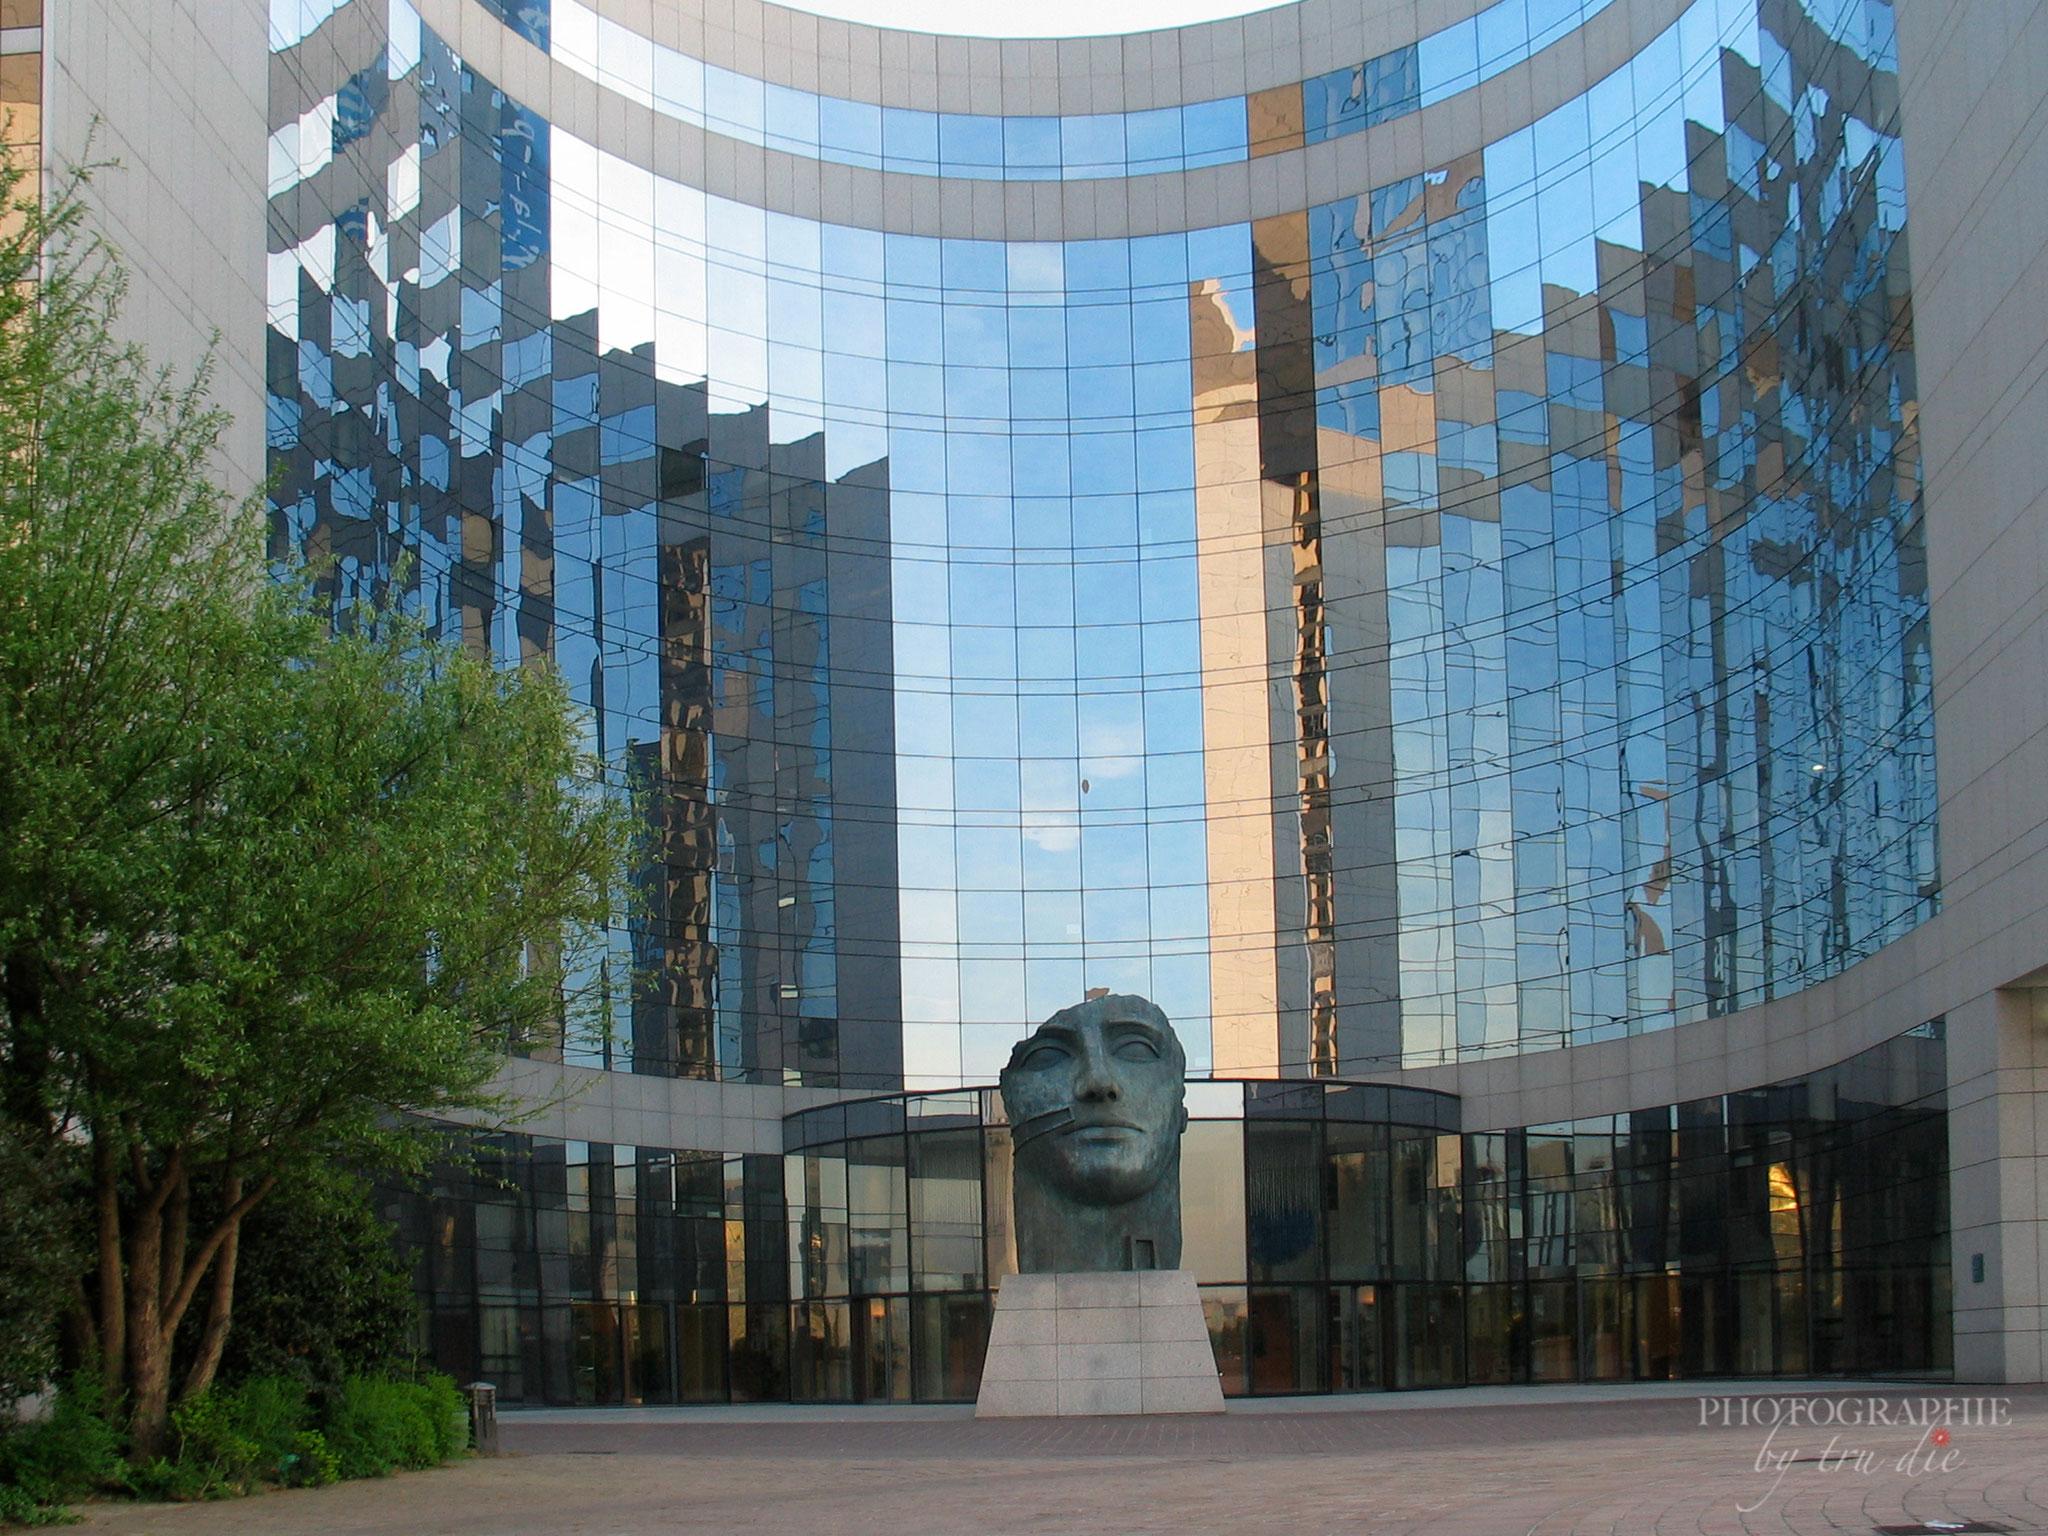 Bild: Wolkenkratzer im Büroviertel La Défense